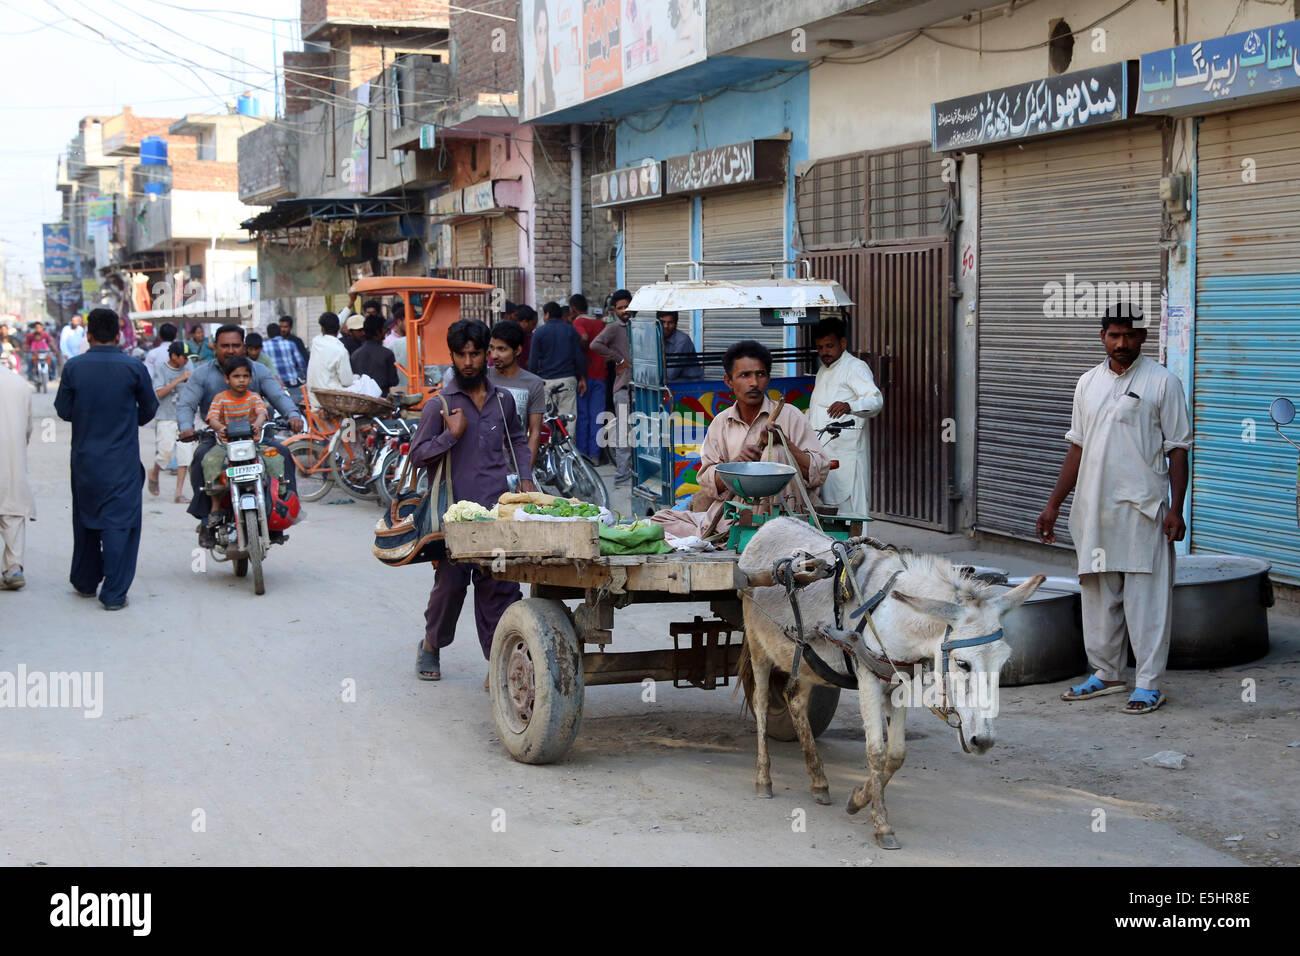 Escena de una calle de la colonia Youhanabad, Lahore, Pakistán Foto de stock